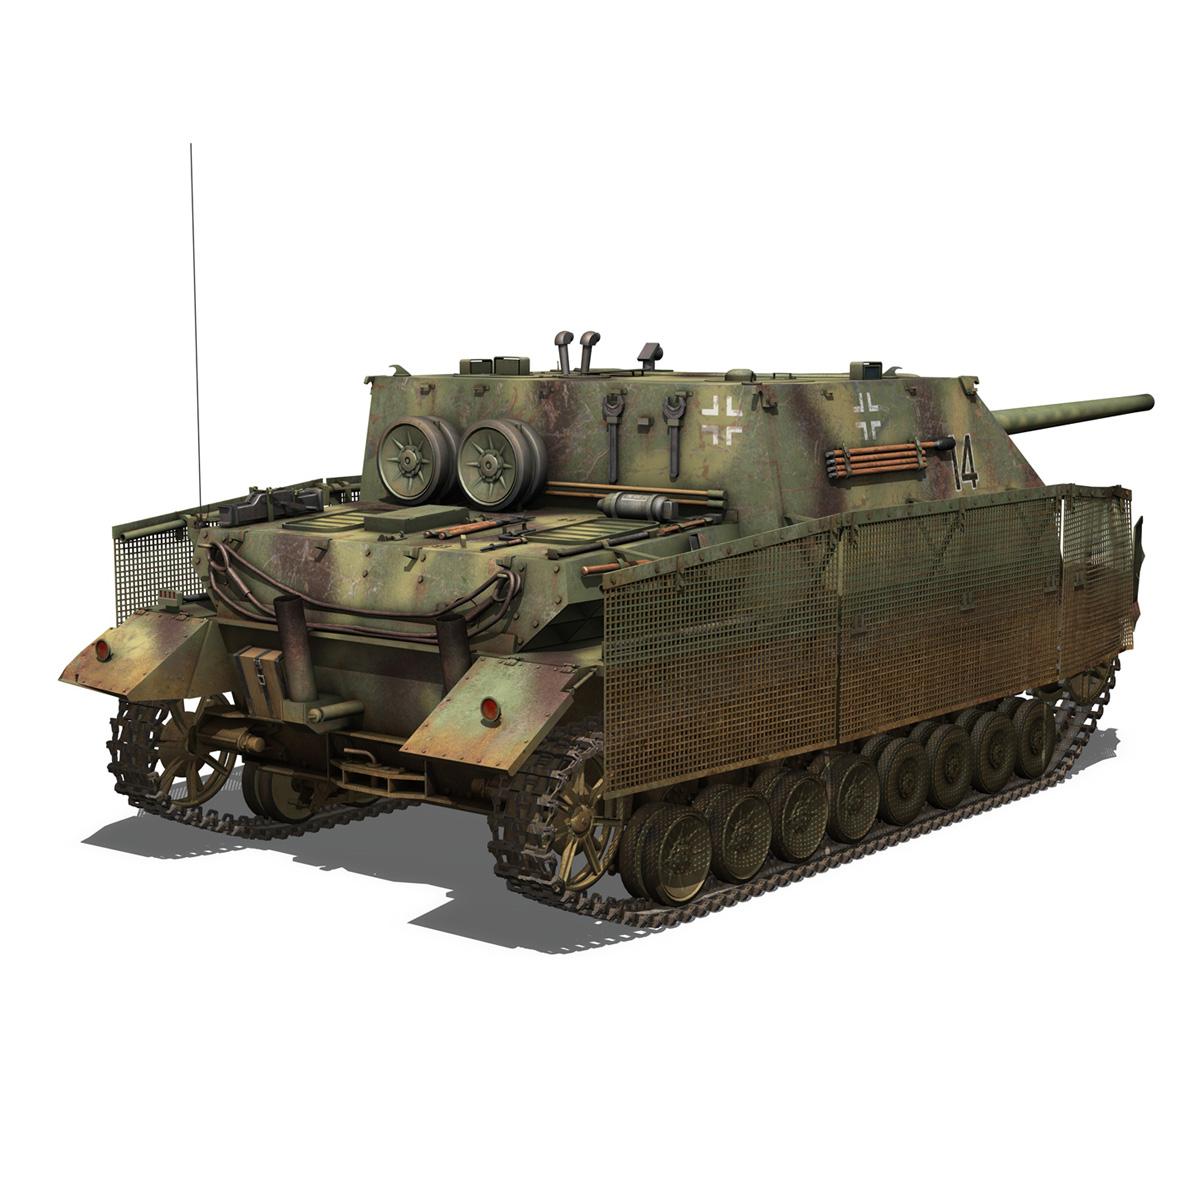 jagdpanzer iv l/70 (a) – 14 3d model 3ds fbx c4d lwo obj 282332